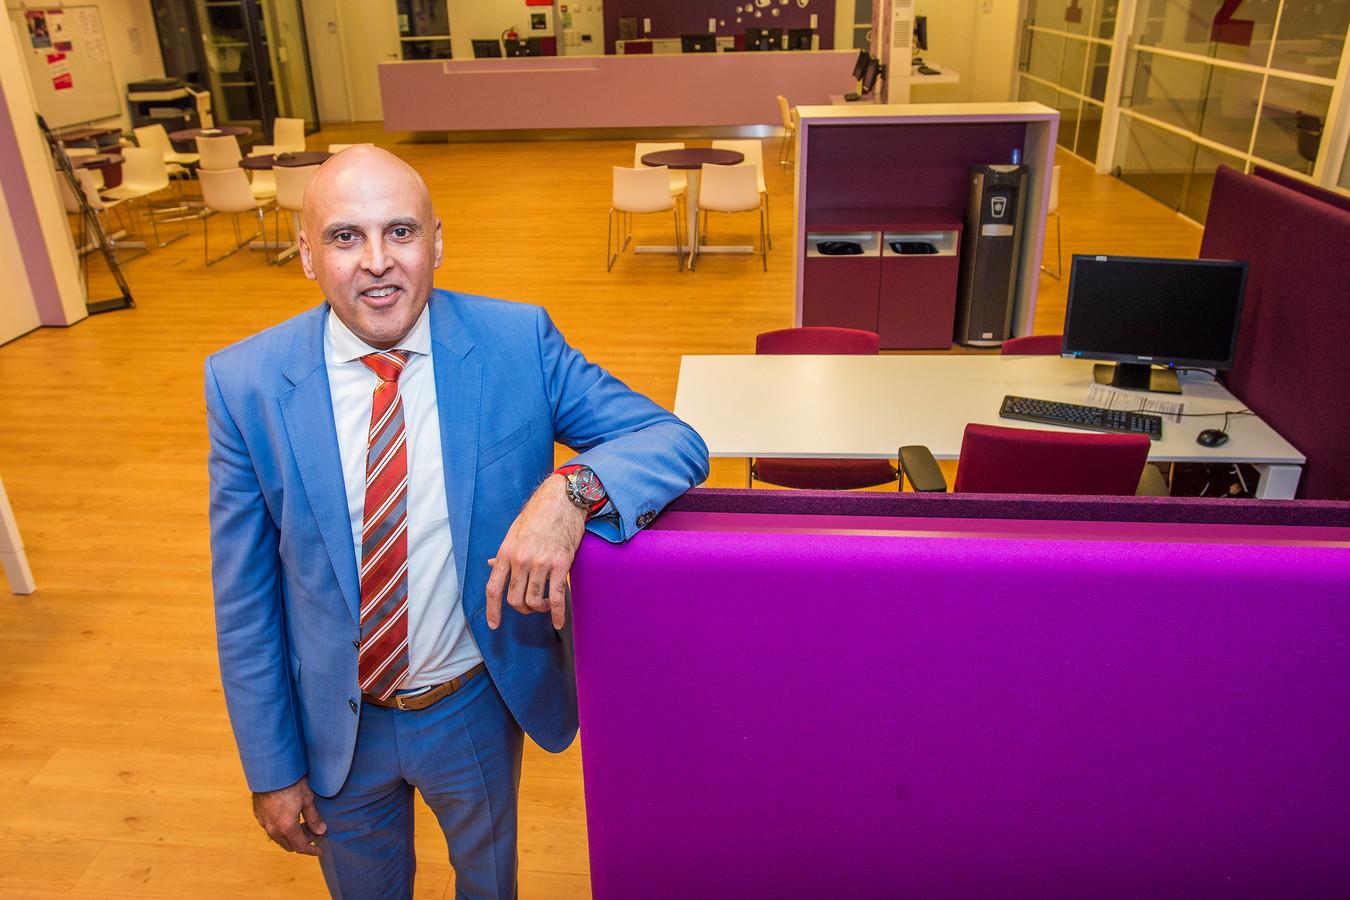 De directeur van de sociale dienst en werkvoorziening in De Langstraat verruilt zijn baan bij Baanbrekers voor een functie bij de gemeente Rotterdam.